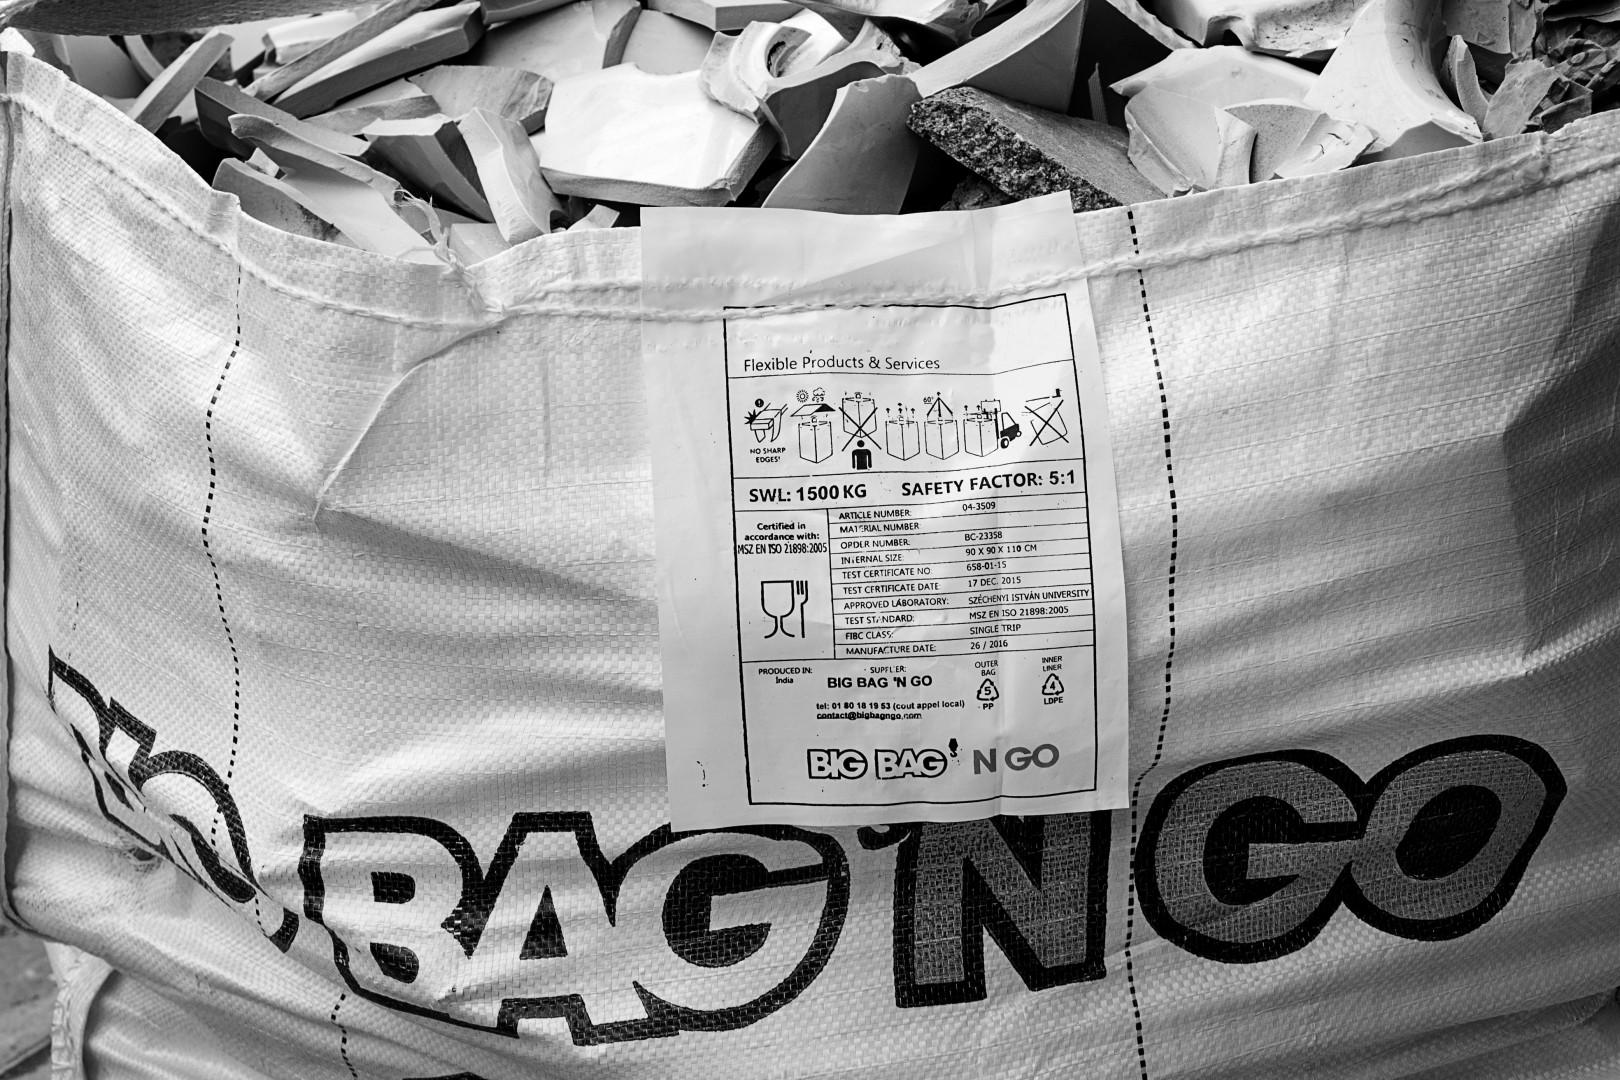 Le sac à déchets Big Bag'n Go